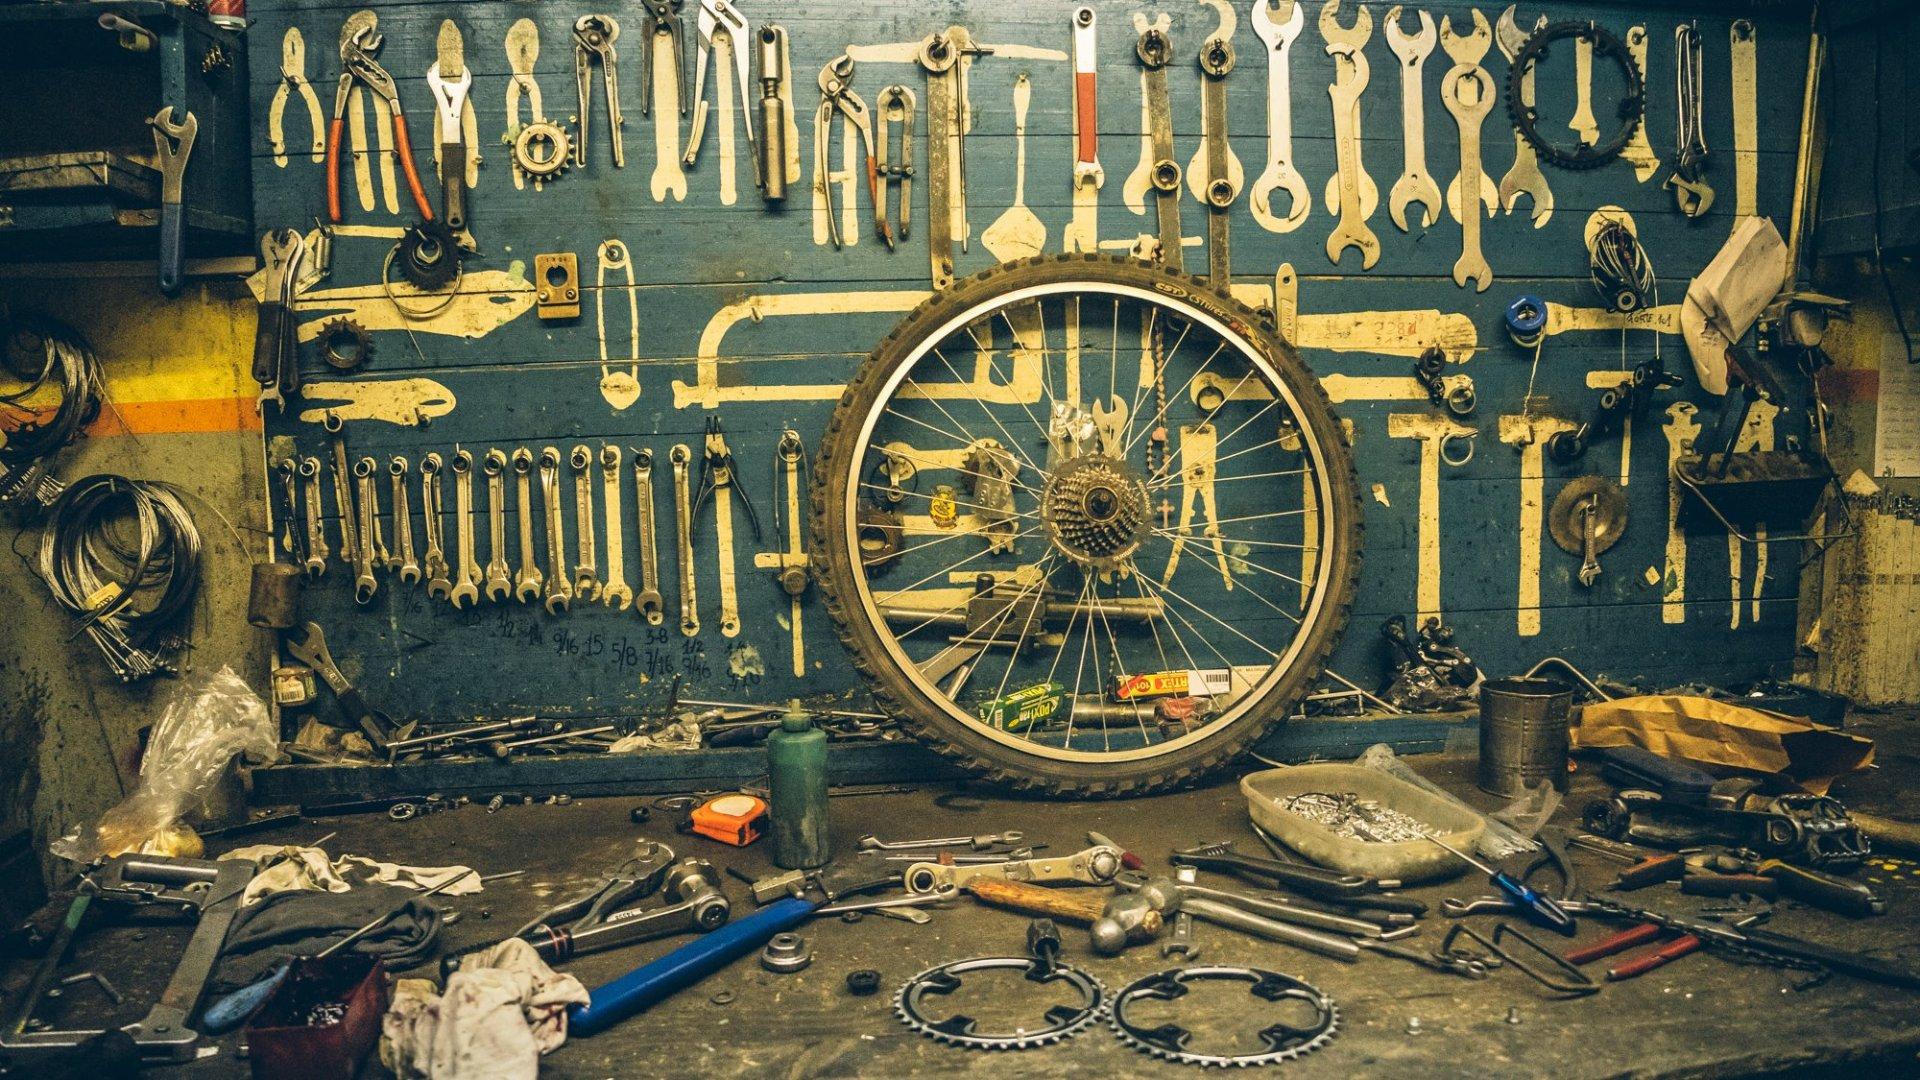 Par moment nous rêvons d'avoir tant d'outils sur nous